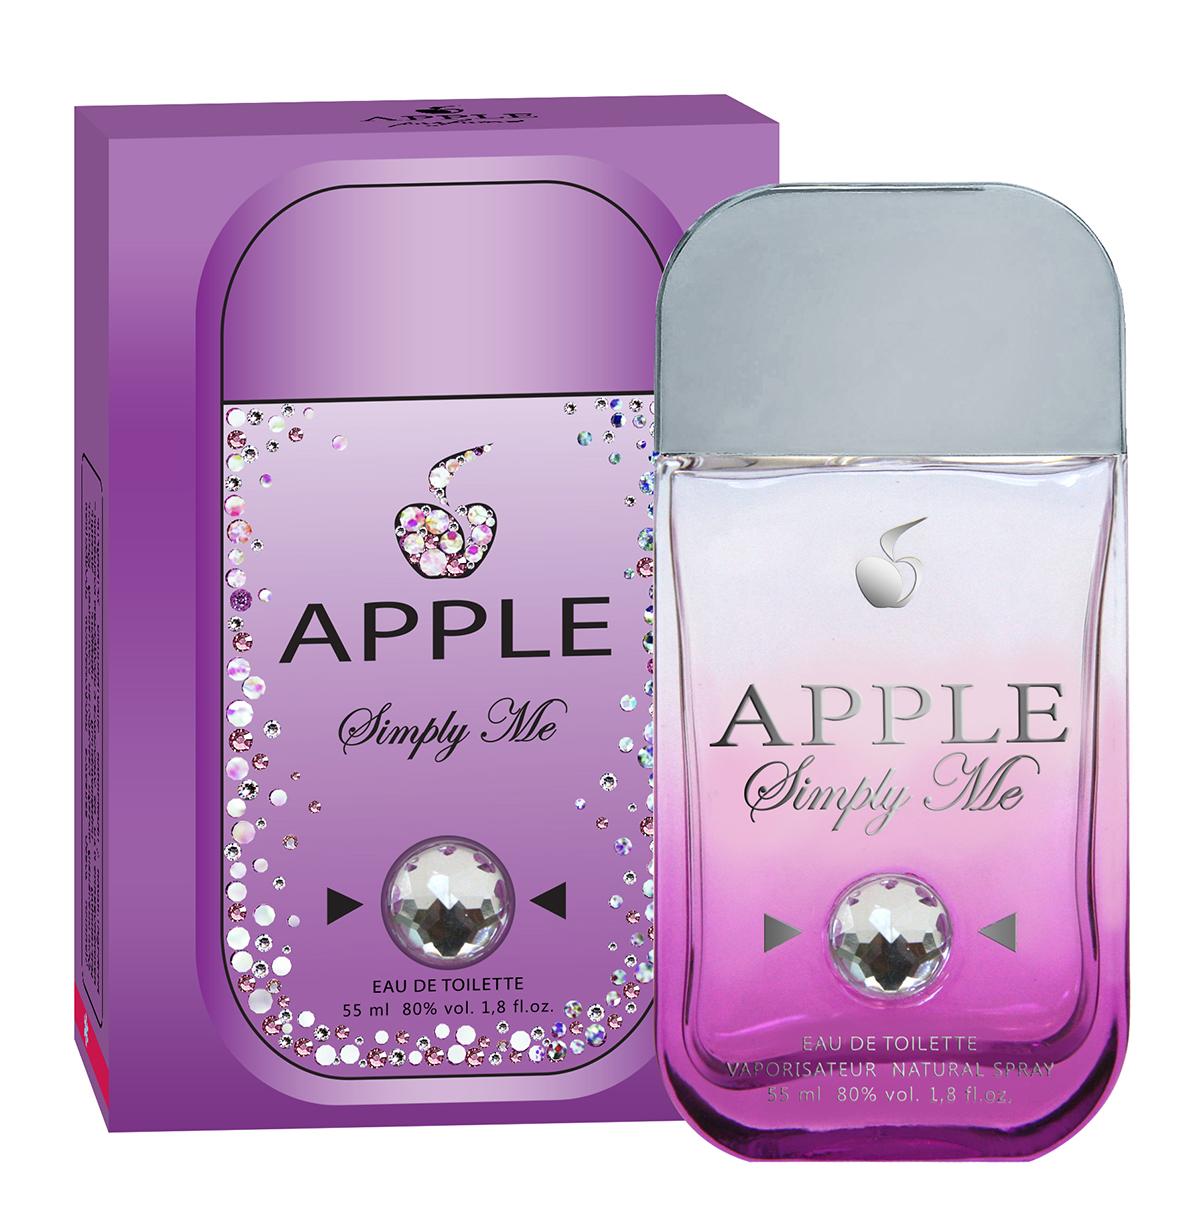 Apple Parfums Туалетная вода Apple Simply Me, 55 мл43312Apple Parfums. В 2008 году компания Юнитоп начала выпускать парфюмерию под брендом Apple parfums. Туалетные воды и духи производятся в России с привлечением европейских парфюмеров, при этом по цене и качеству не отстают от импортных аналогов. На сегодняшний день Apple Parfums – это два десятка оригинальных парфюмерных линеек. Ароматы Apple созданы для современных творческих людей, не мыслящих жизни без прогресса и движения. Их неуемная энергия, желание всегда быть в тренде и мобильность требовали принципиально новой парфюмерии, отличающиеся яркими, неординарными ароматами, а их упаковка и флаконы стилизованы под смартфон! Красочное, стойкое звучание Apple заметят коллеги и близкие, настроит на позитивную волну, парфюм прекрасно подойдет для ежедневного использования. Гамма древесных, цитрусовых и цветочных ароматов Apple – замечательный подарок молодым и энергичным людям, открытых всему новому! Цветочный, фруктовый аромат Simply Me дарит неповторимое чувственное сочетание, отражающее всю многогранность характера стильной, современной женщины. Композиция туалетной воды открывается нотами пиона и цветов персика. Сердце представлено роскошным сочетанием зеленой сирени, чайного листа и петигрейна. В заключение аромат звучит красивым шлейфом, сотканным из нот амбры, мускуса и кедра. Направление аромата: цветочный, фруктовый. Начальные ноты: пион, цветы персика. Ноты сердца: зеленая сирень, лист чая, петигрейн. Базовые ноты: амбра, мускус, кедр.